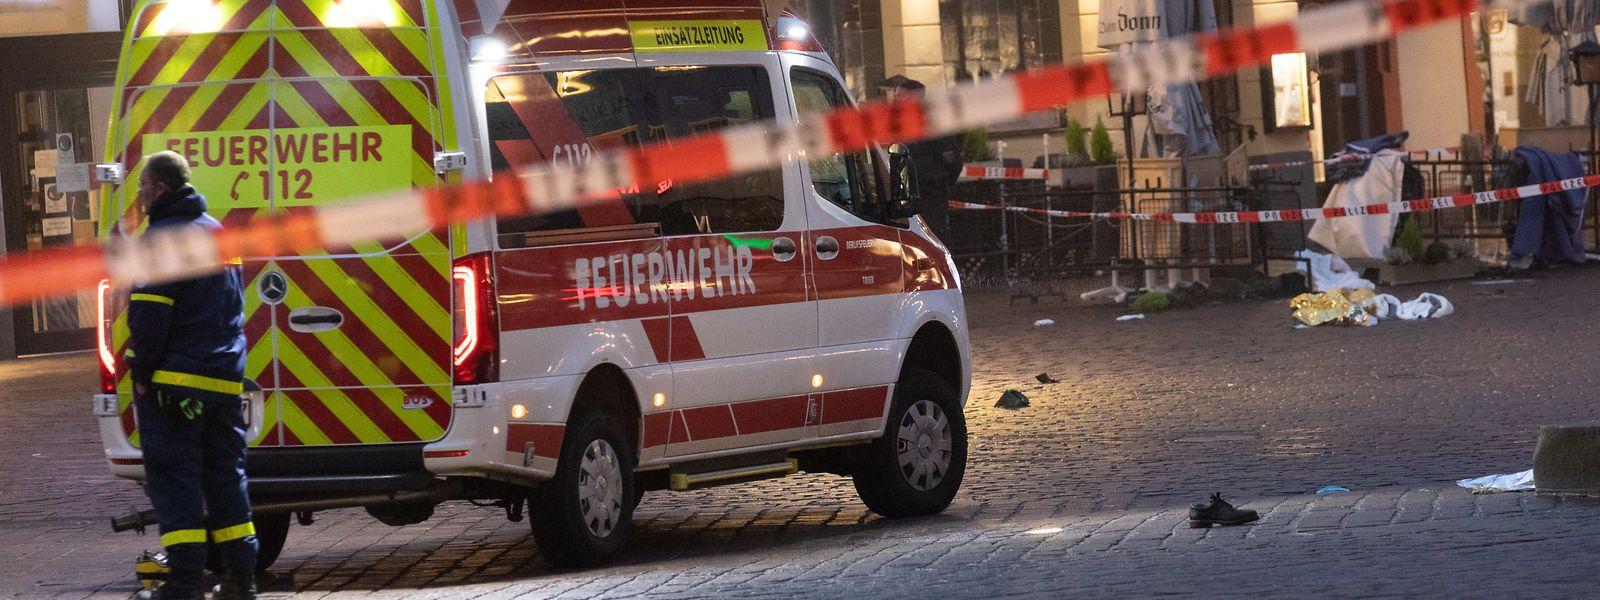 Bei der Amokfahrt durch die Trierer Fußgängerzone sind am 1. Dezember 2020 fünf Menschen getötet worden.